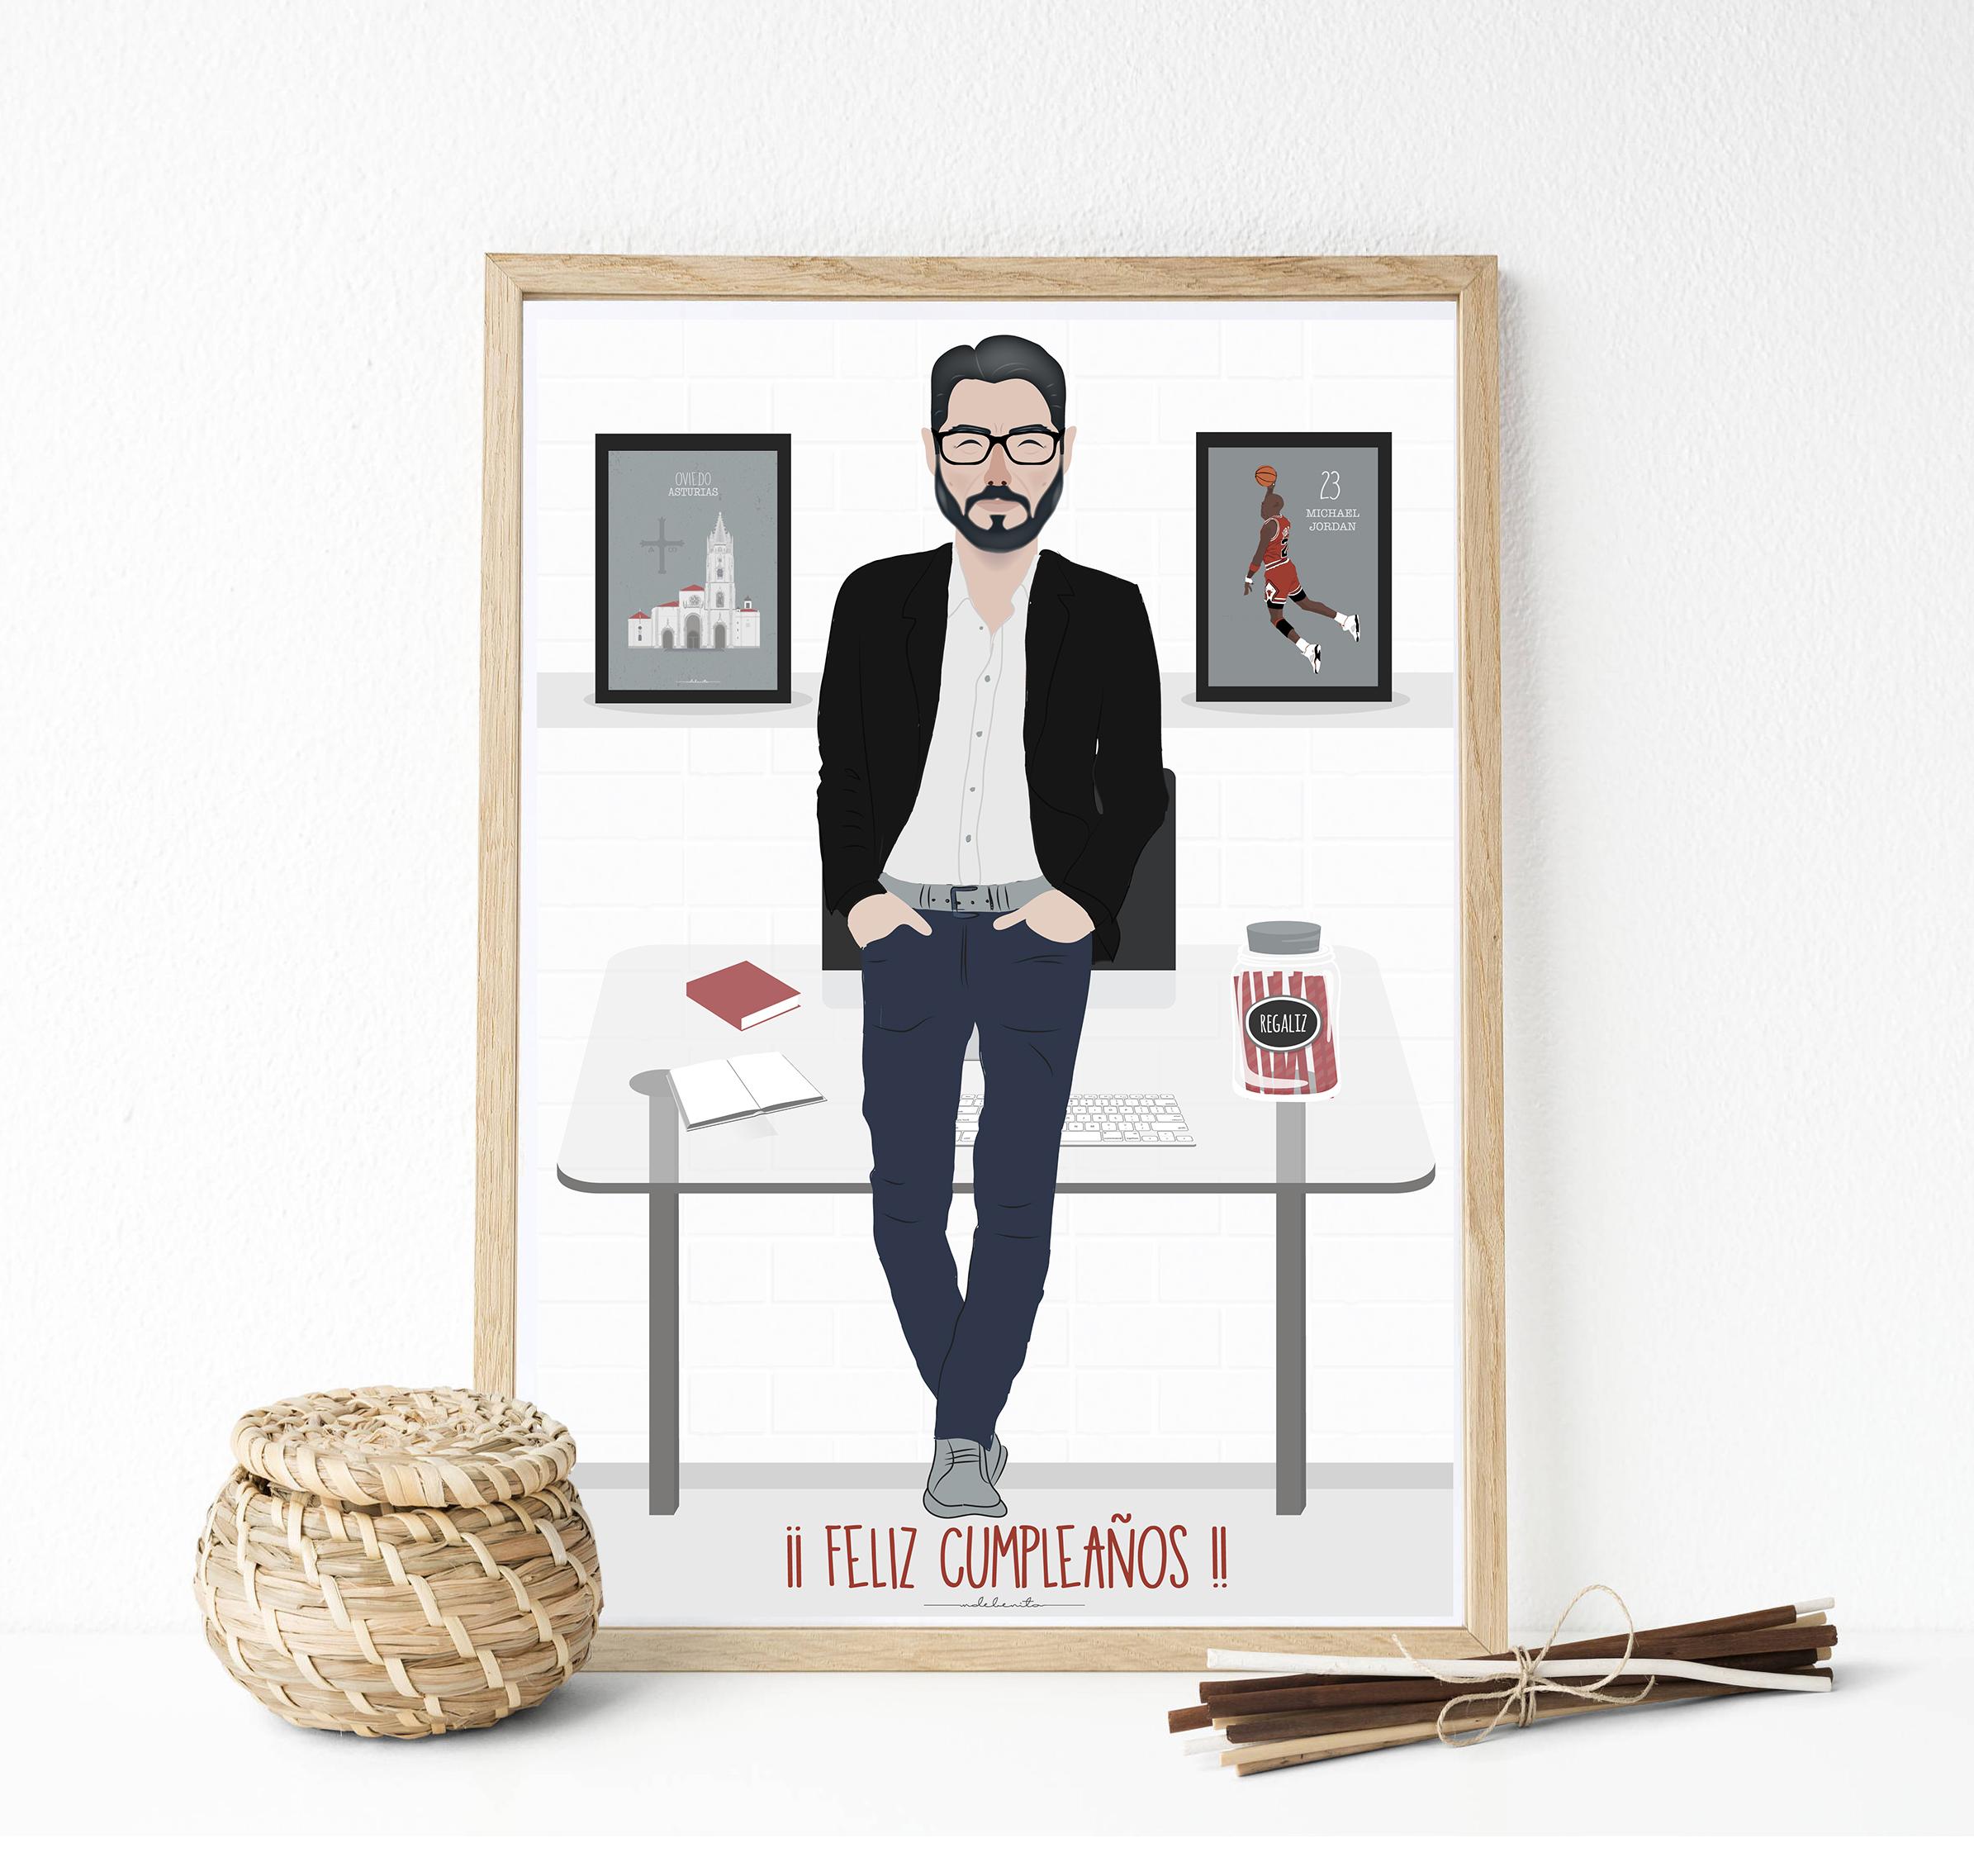 ilustracion-personalizada-regalo-cumpleaños-asturias-mdebenito.jpg